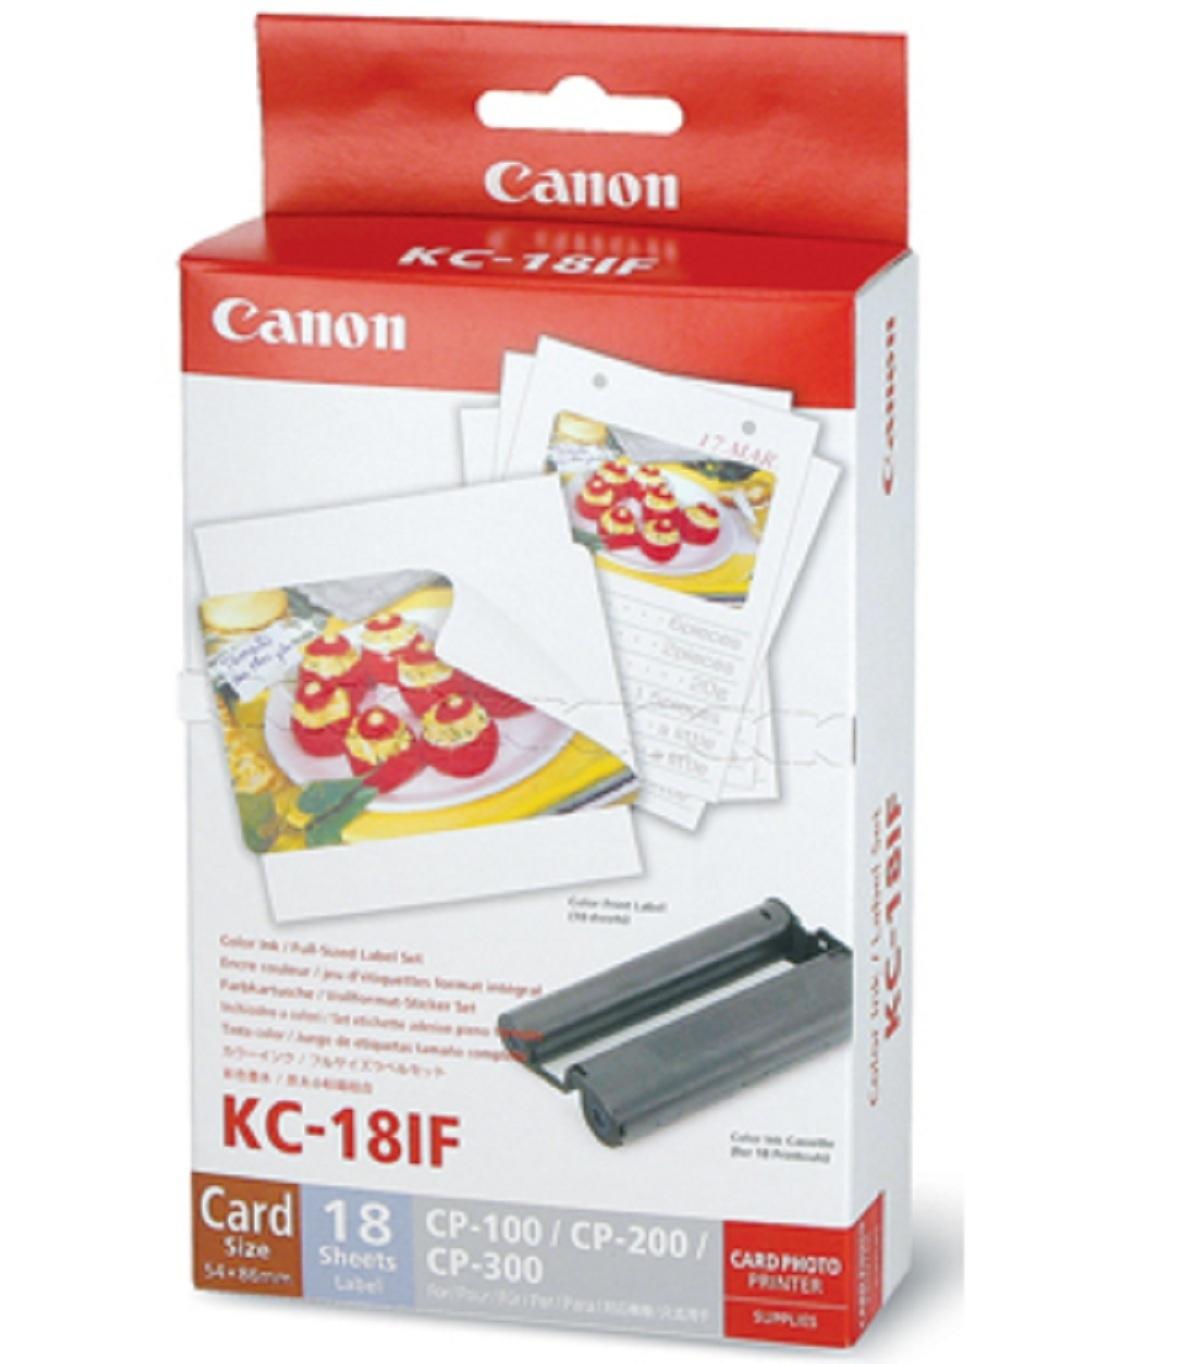 Фотобумага компактного принтера Canon KC-18IF самоклеящаяся 18 листов+картридж набор фотобумаги и чернил KC-18IF